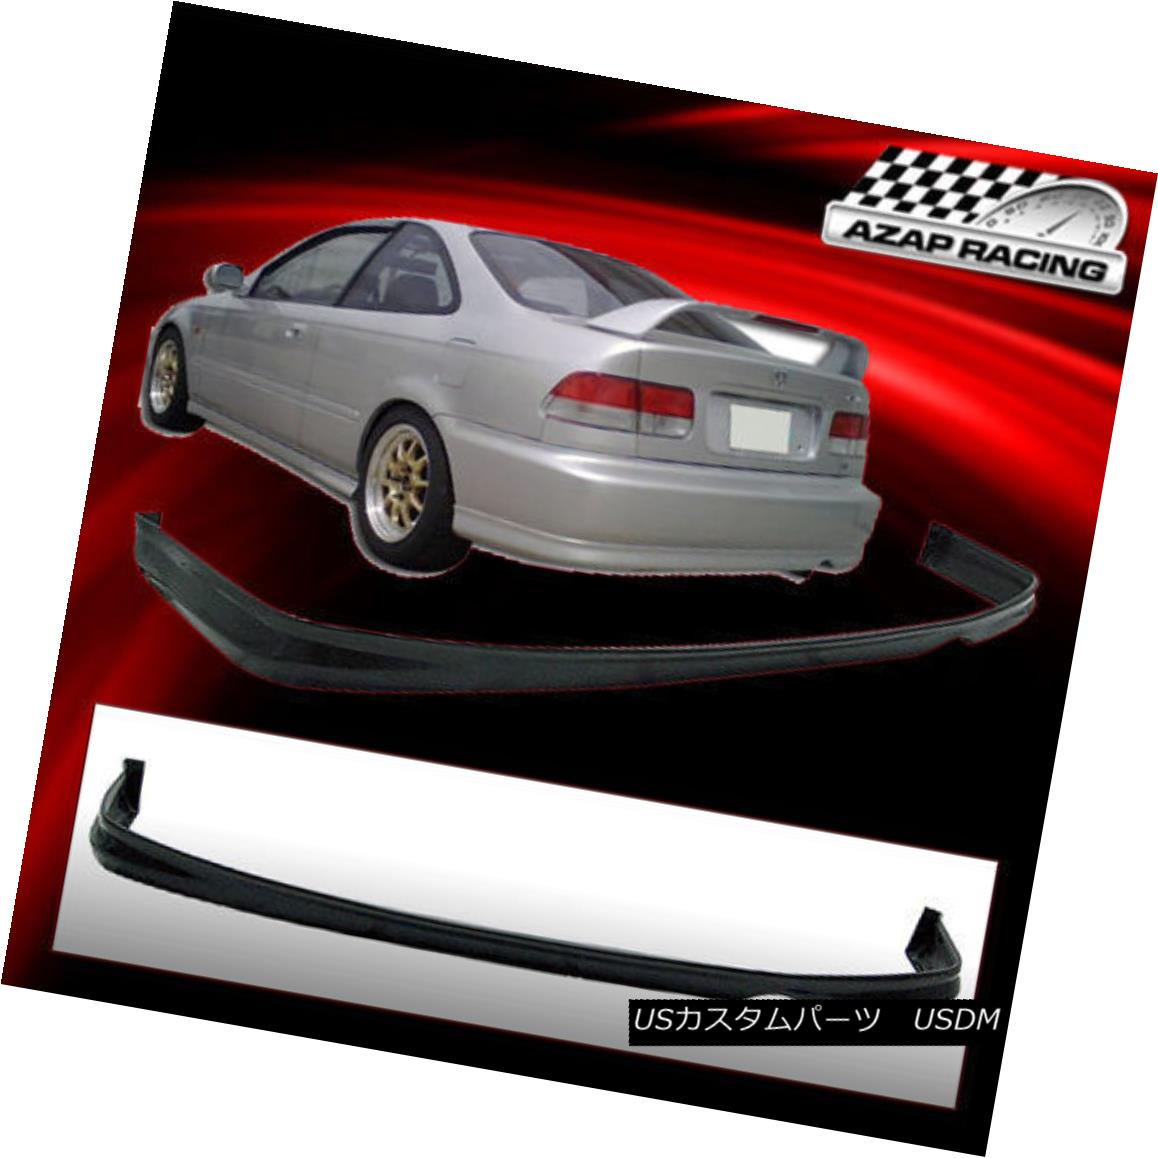 エアロパーツ 1992 93 94 95 Urethane Rear Bumper Lip Spoiler Bodykit Fits Honda Civic 2/4Dr 1992 93 94 95ウレタンリヤバンパーリップスポイラーボディキット適合ホンダシビック2 / 4Dr